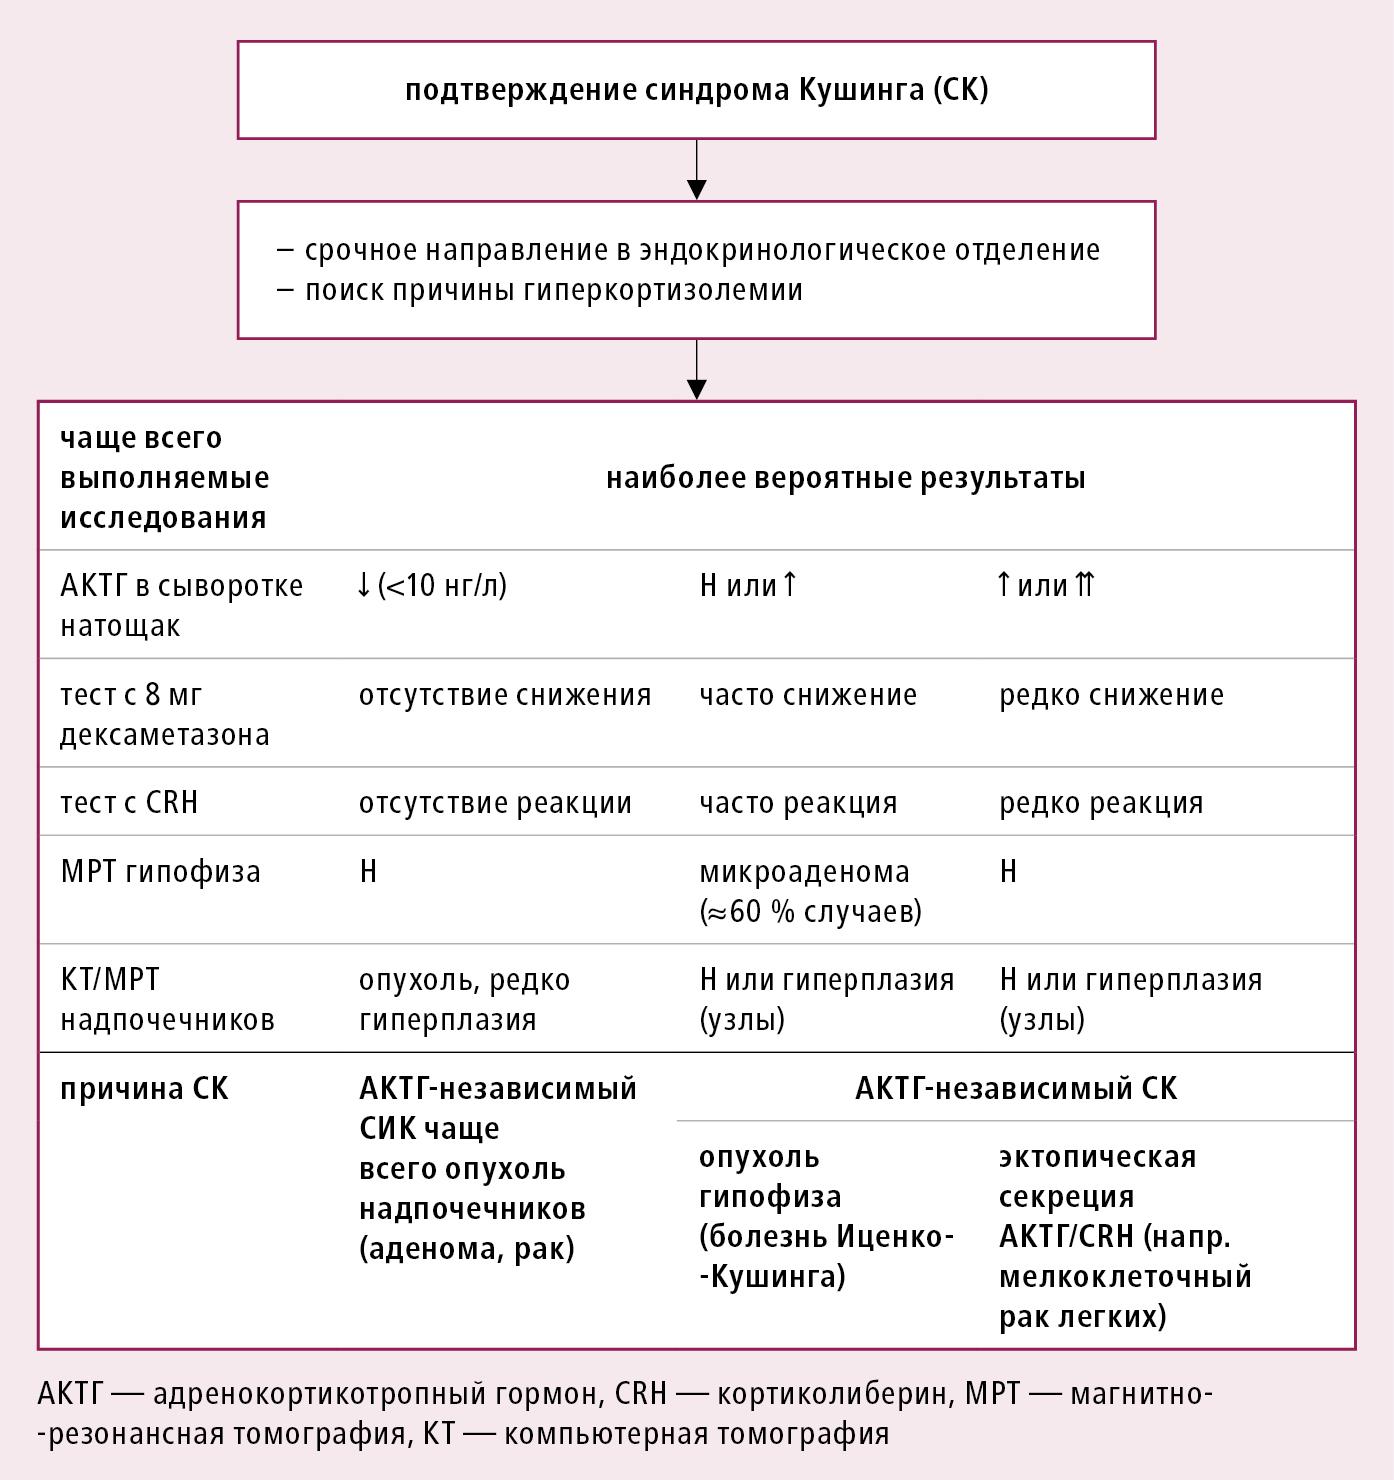 Алгоритм диагностики для определения этиологии синдрома Иценко-Кушинга